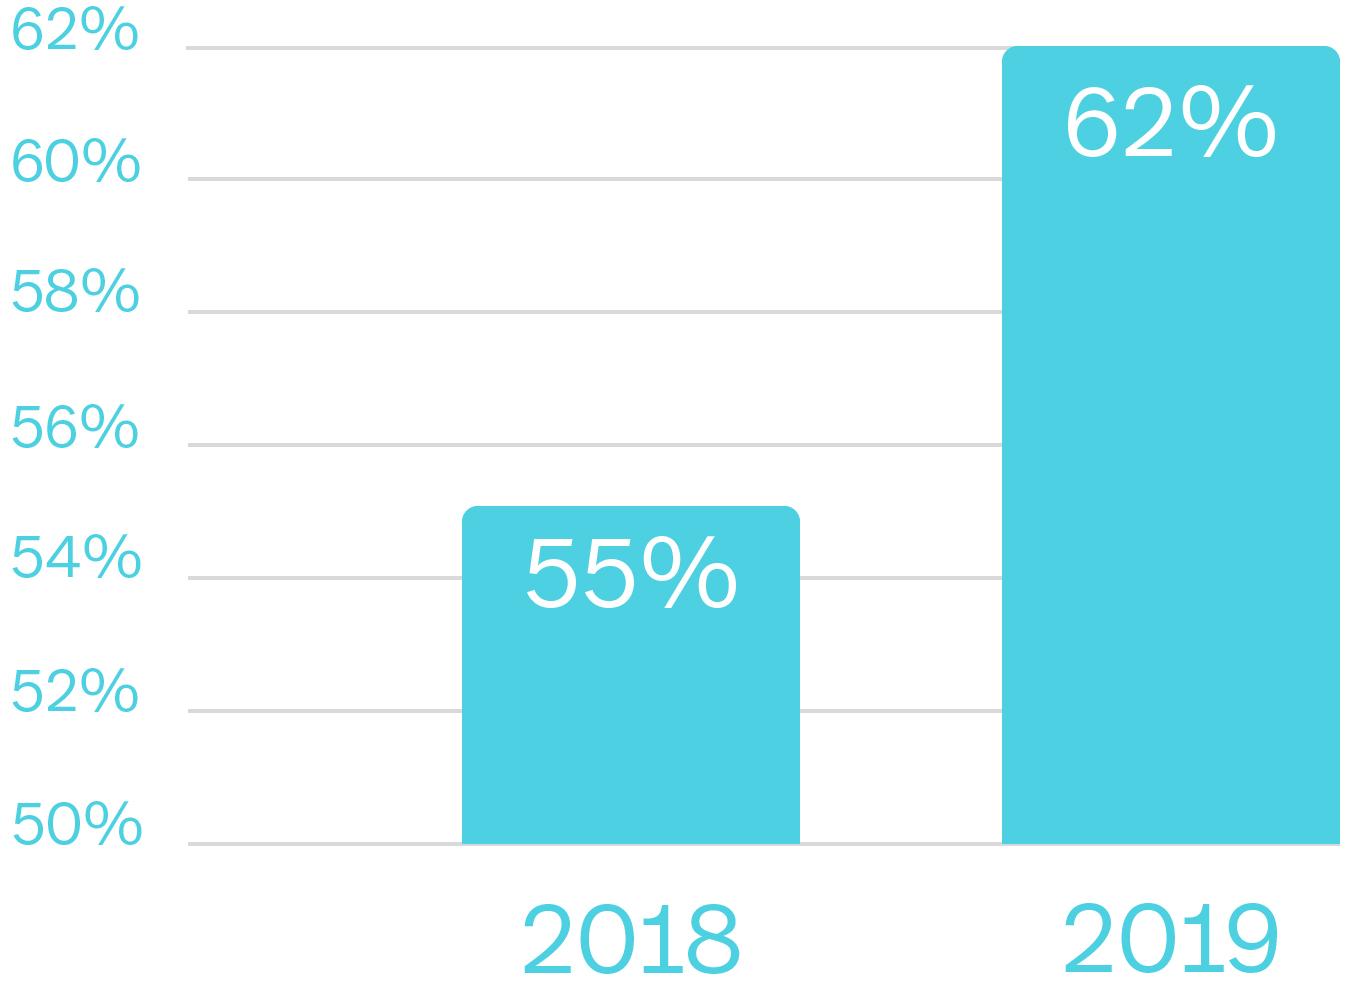 Eine Balkengrafik, die verdeutlicht, dass immer mehr Unternehmen digitale Buchhaltung einführen oder bereits eingeführt haben: Während 2018 noch 55 % das Thema auf der Agenda hatten, gaben 2019 bereits 62 % der befragten Unternehmen an, digitale Buchhaltung einzuführen oder bereits eingeführt zu haben